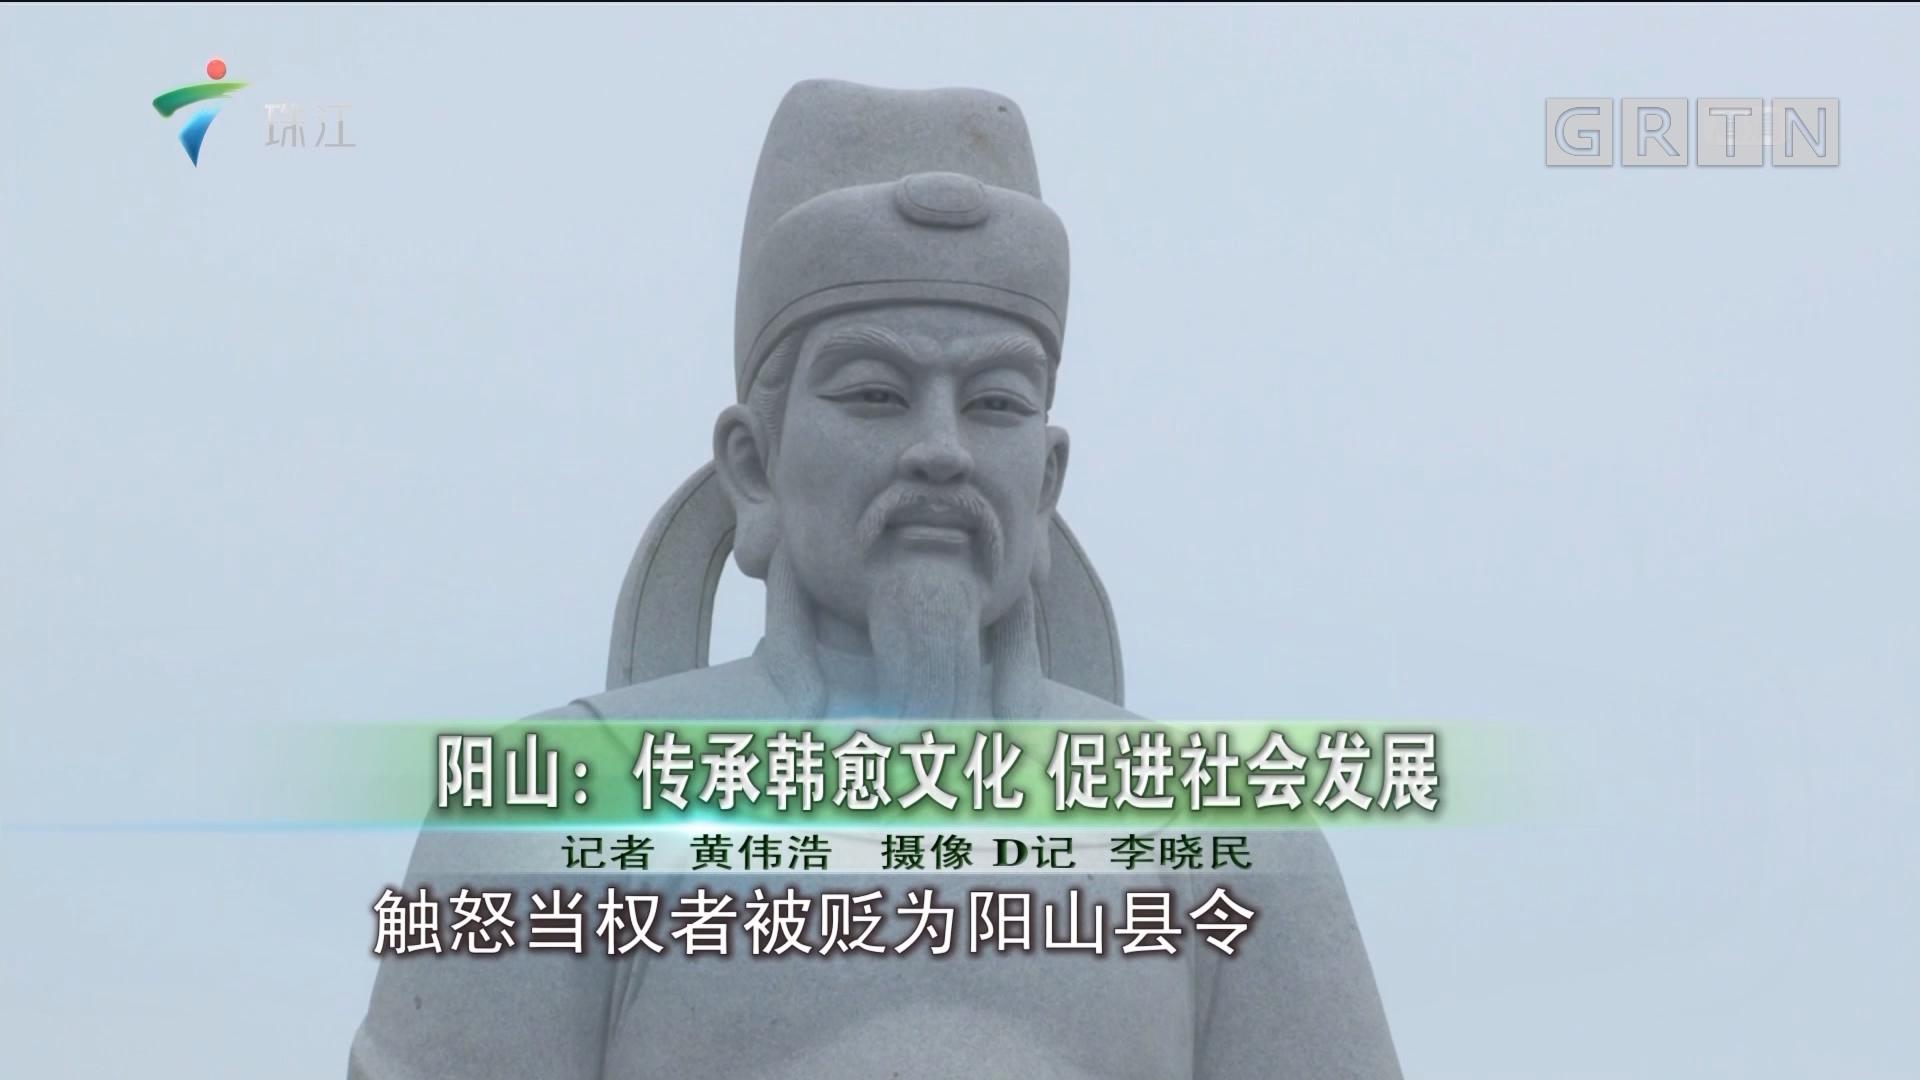 阳山:传承韩愈文化 促进社会发展